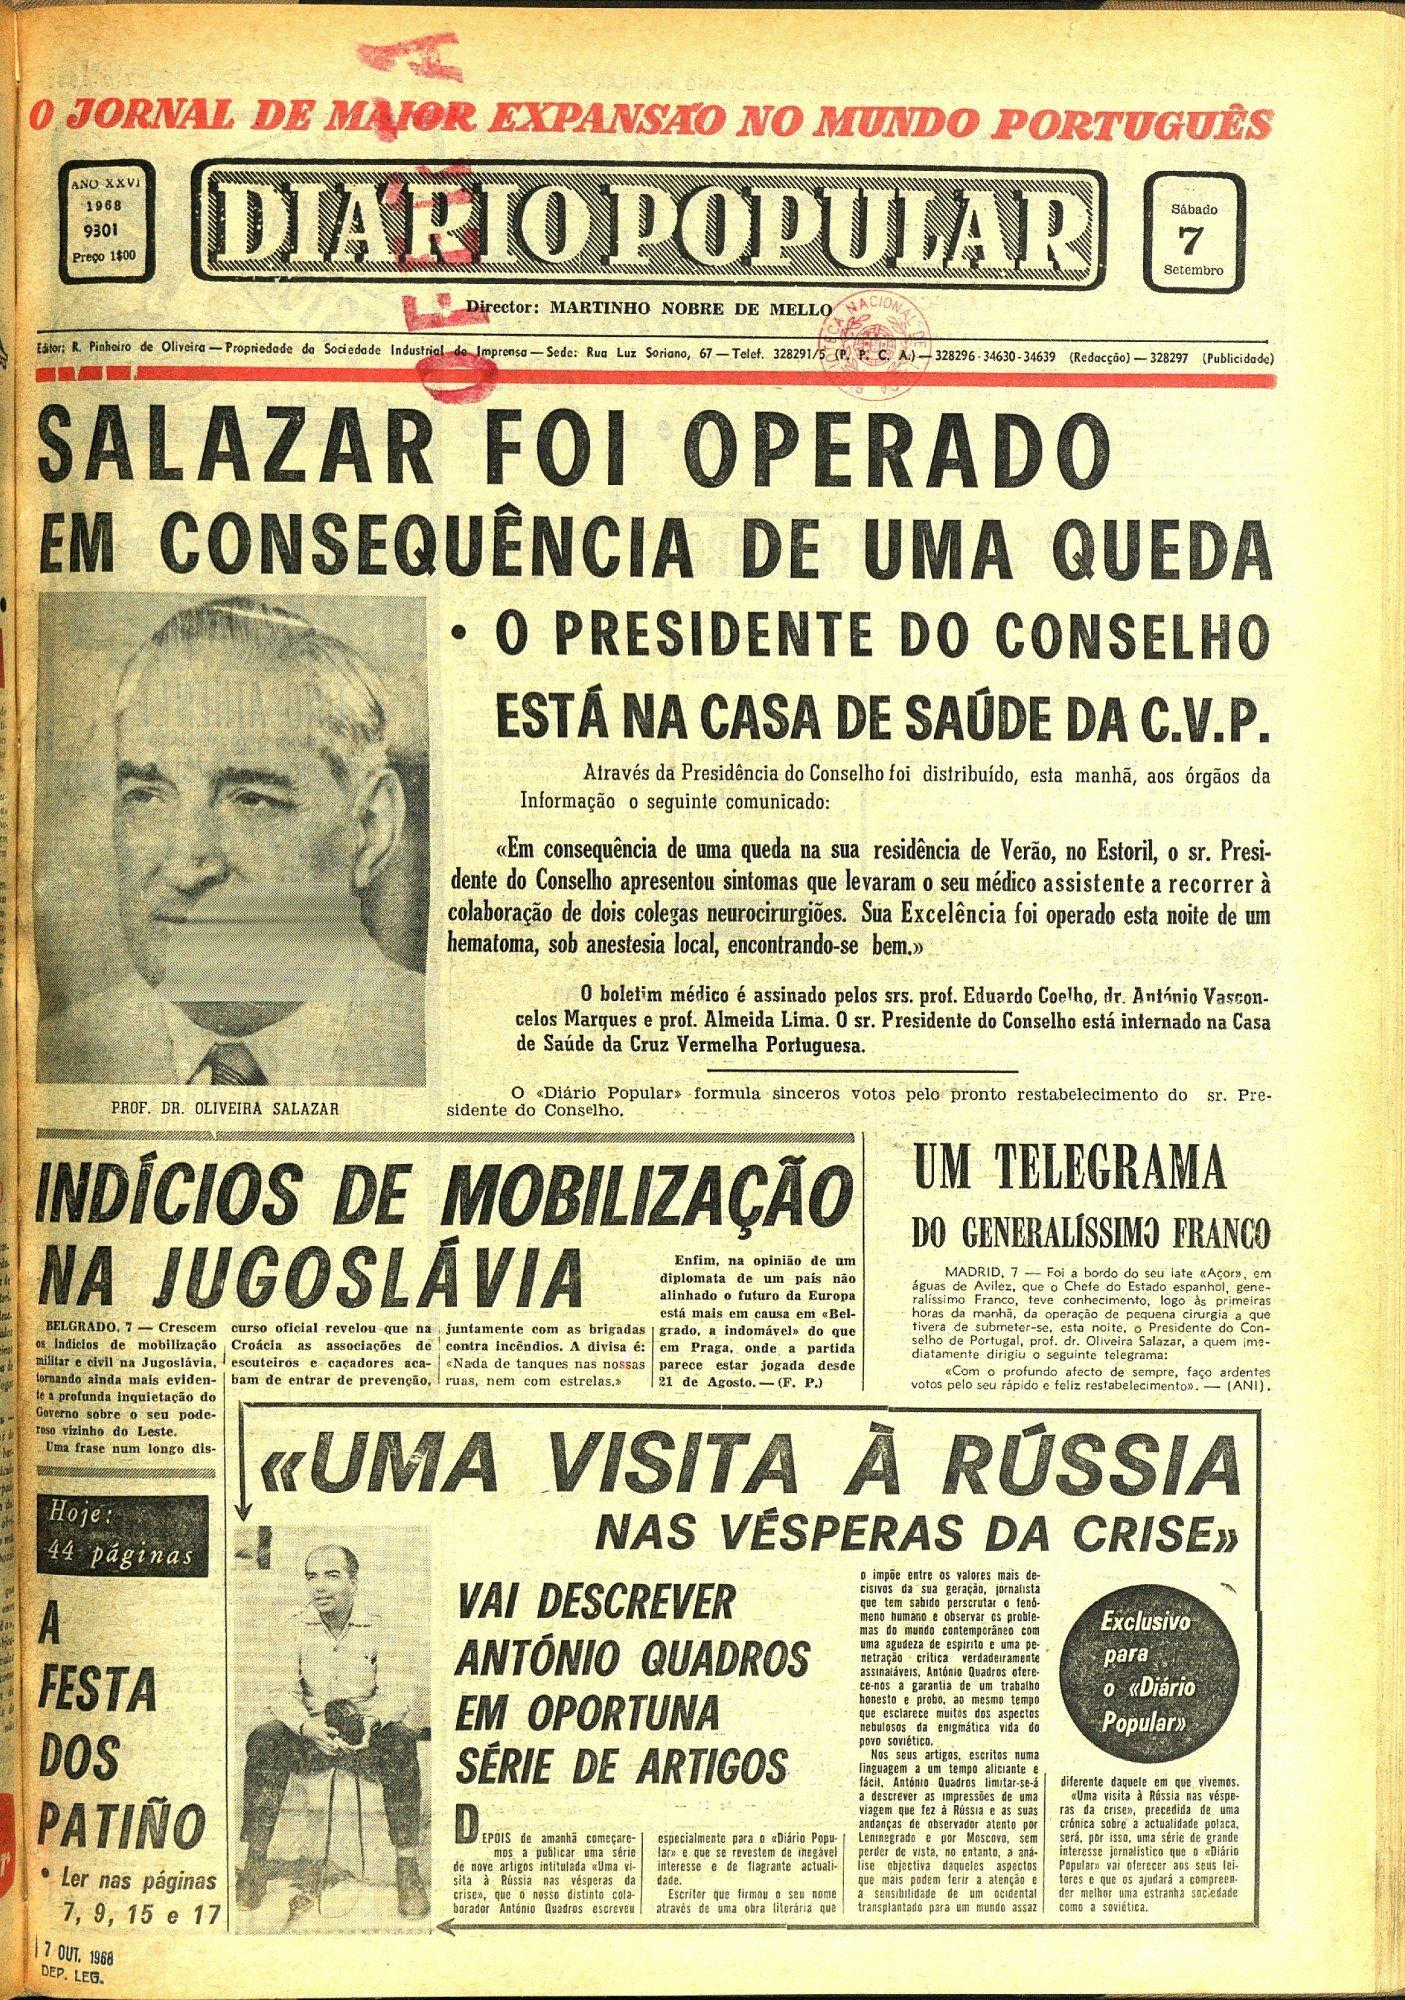 Capa do Diário Popular de 7 de setembro de 1968